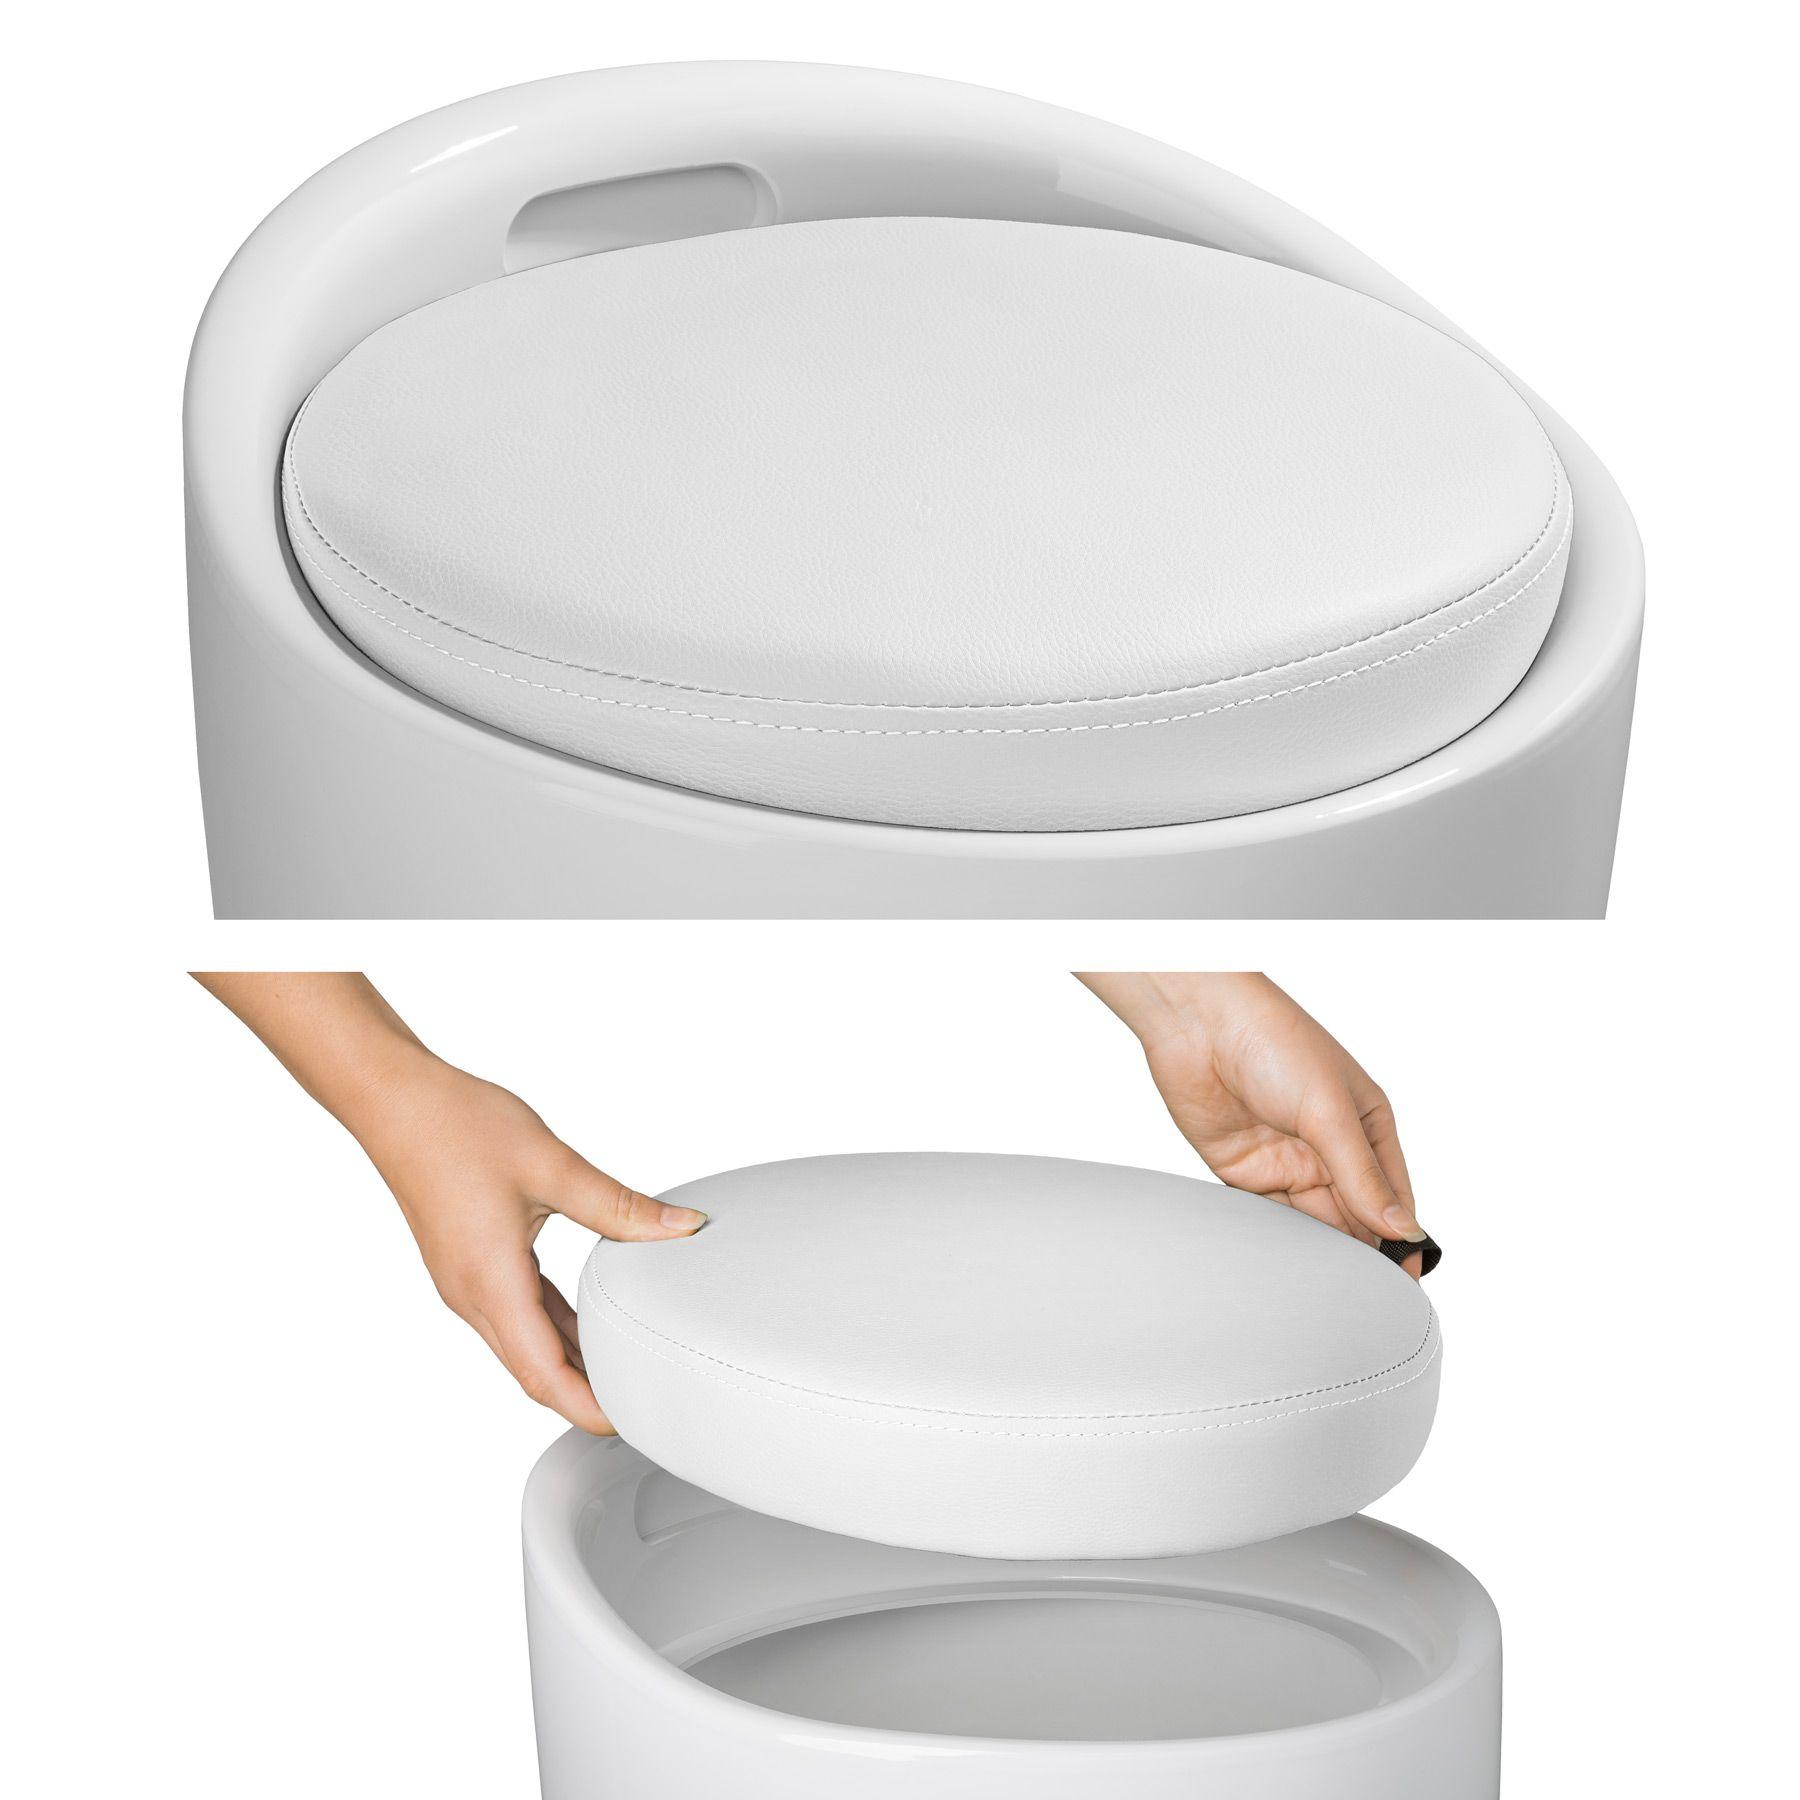 TecTake Sgabello per Bagno Scatola per Il Lavanderia bucato Contenitore Bianco Nero   No. 402079 plastica Stabile ABS Disponibile in Diversi Colori -